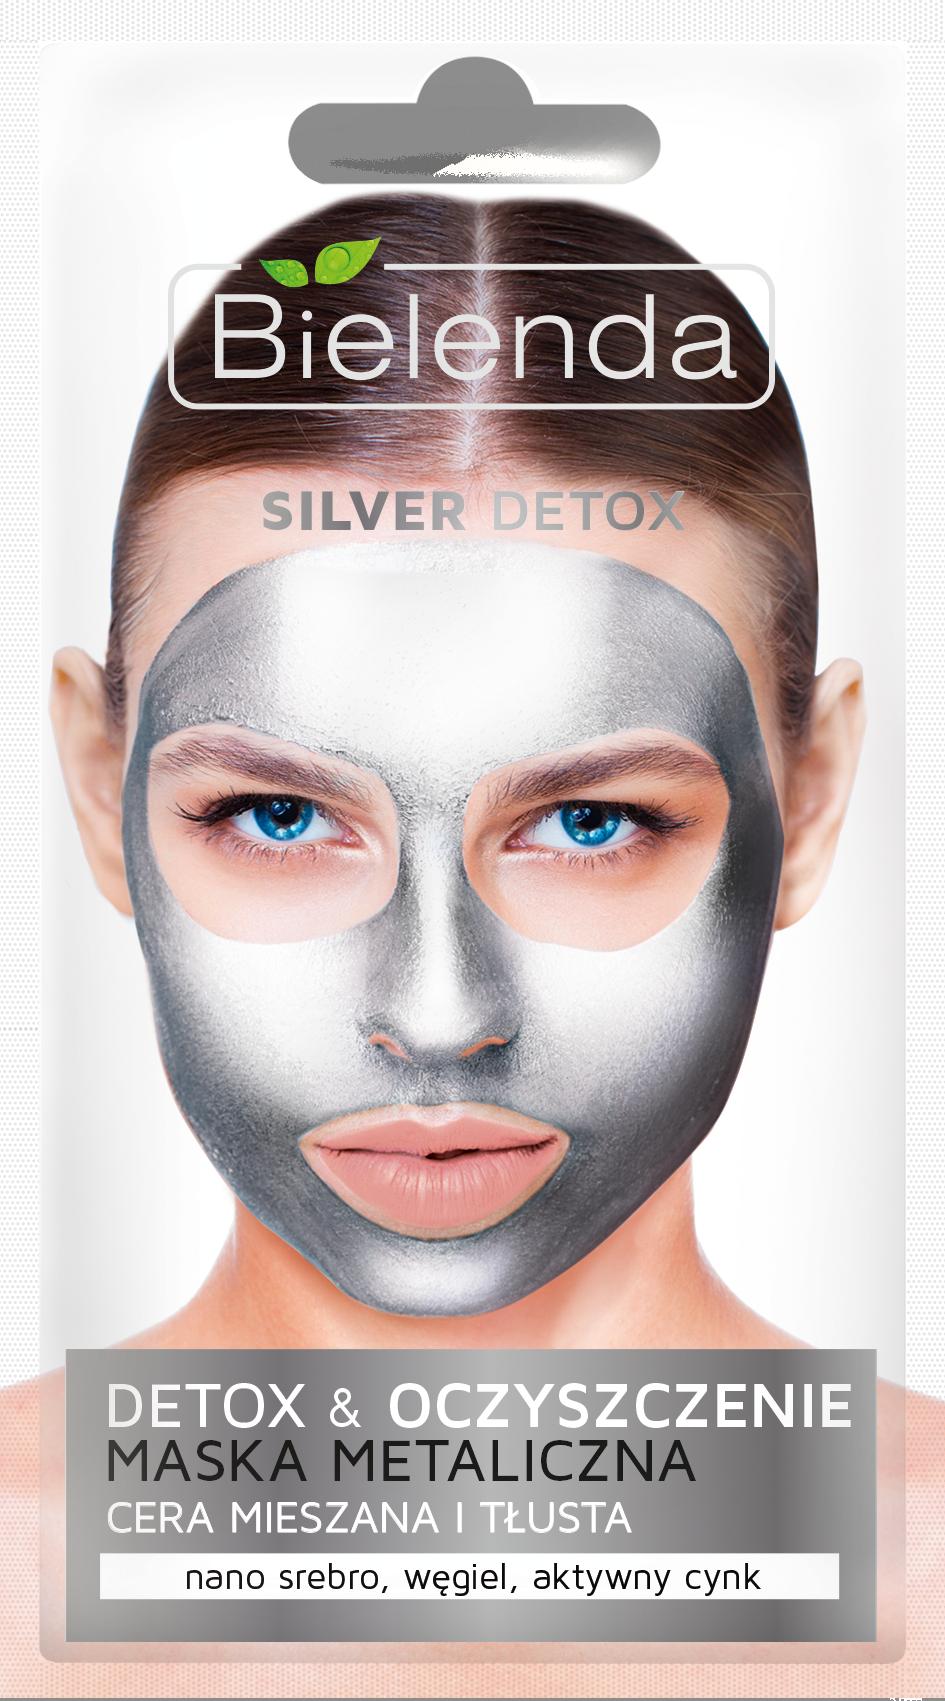 SILVER DETOX Маска с содержанием металлов для смешанной и жирной кожи, 8 г